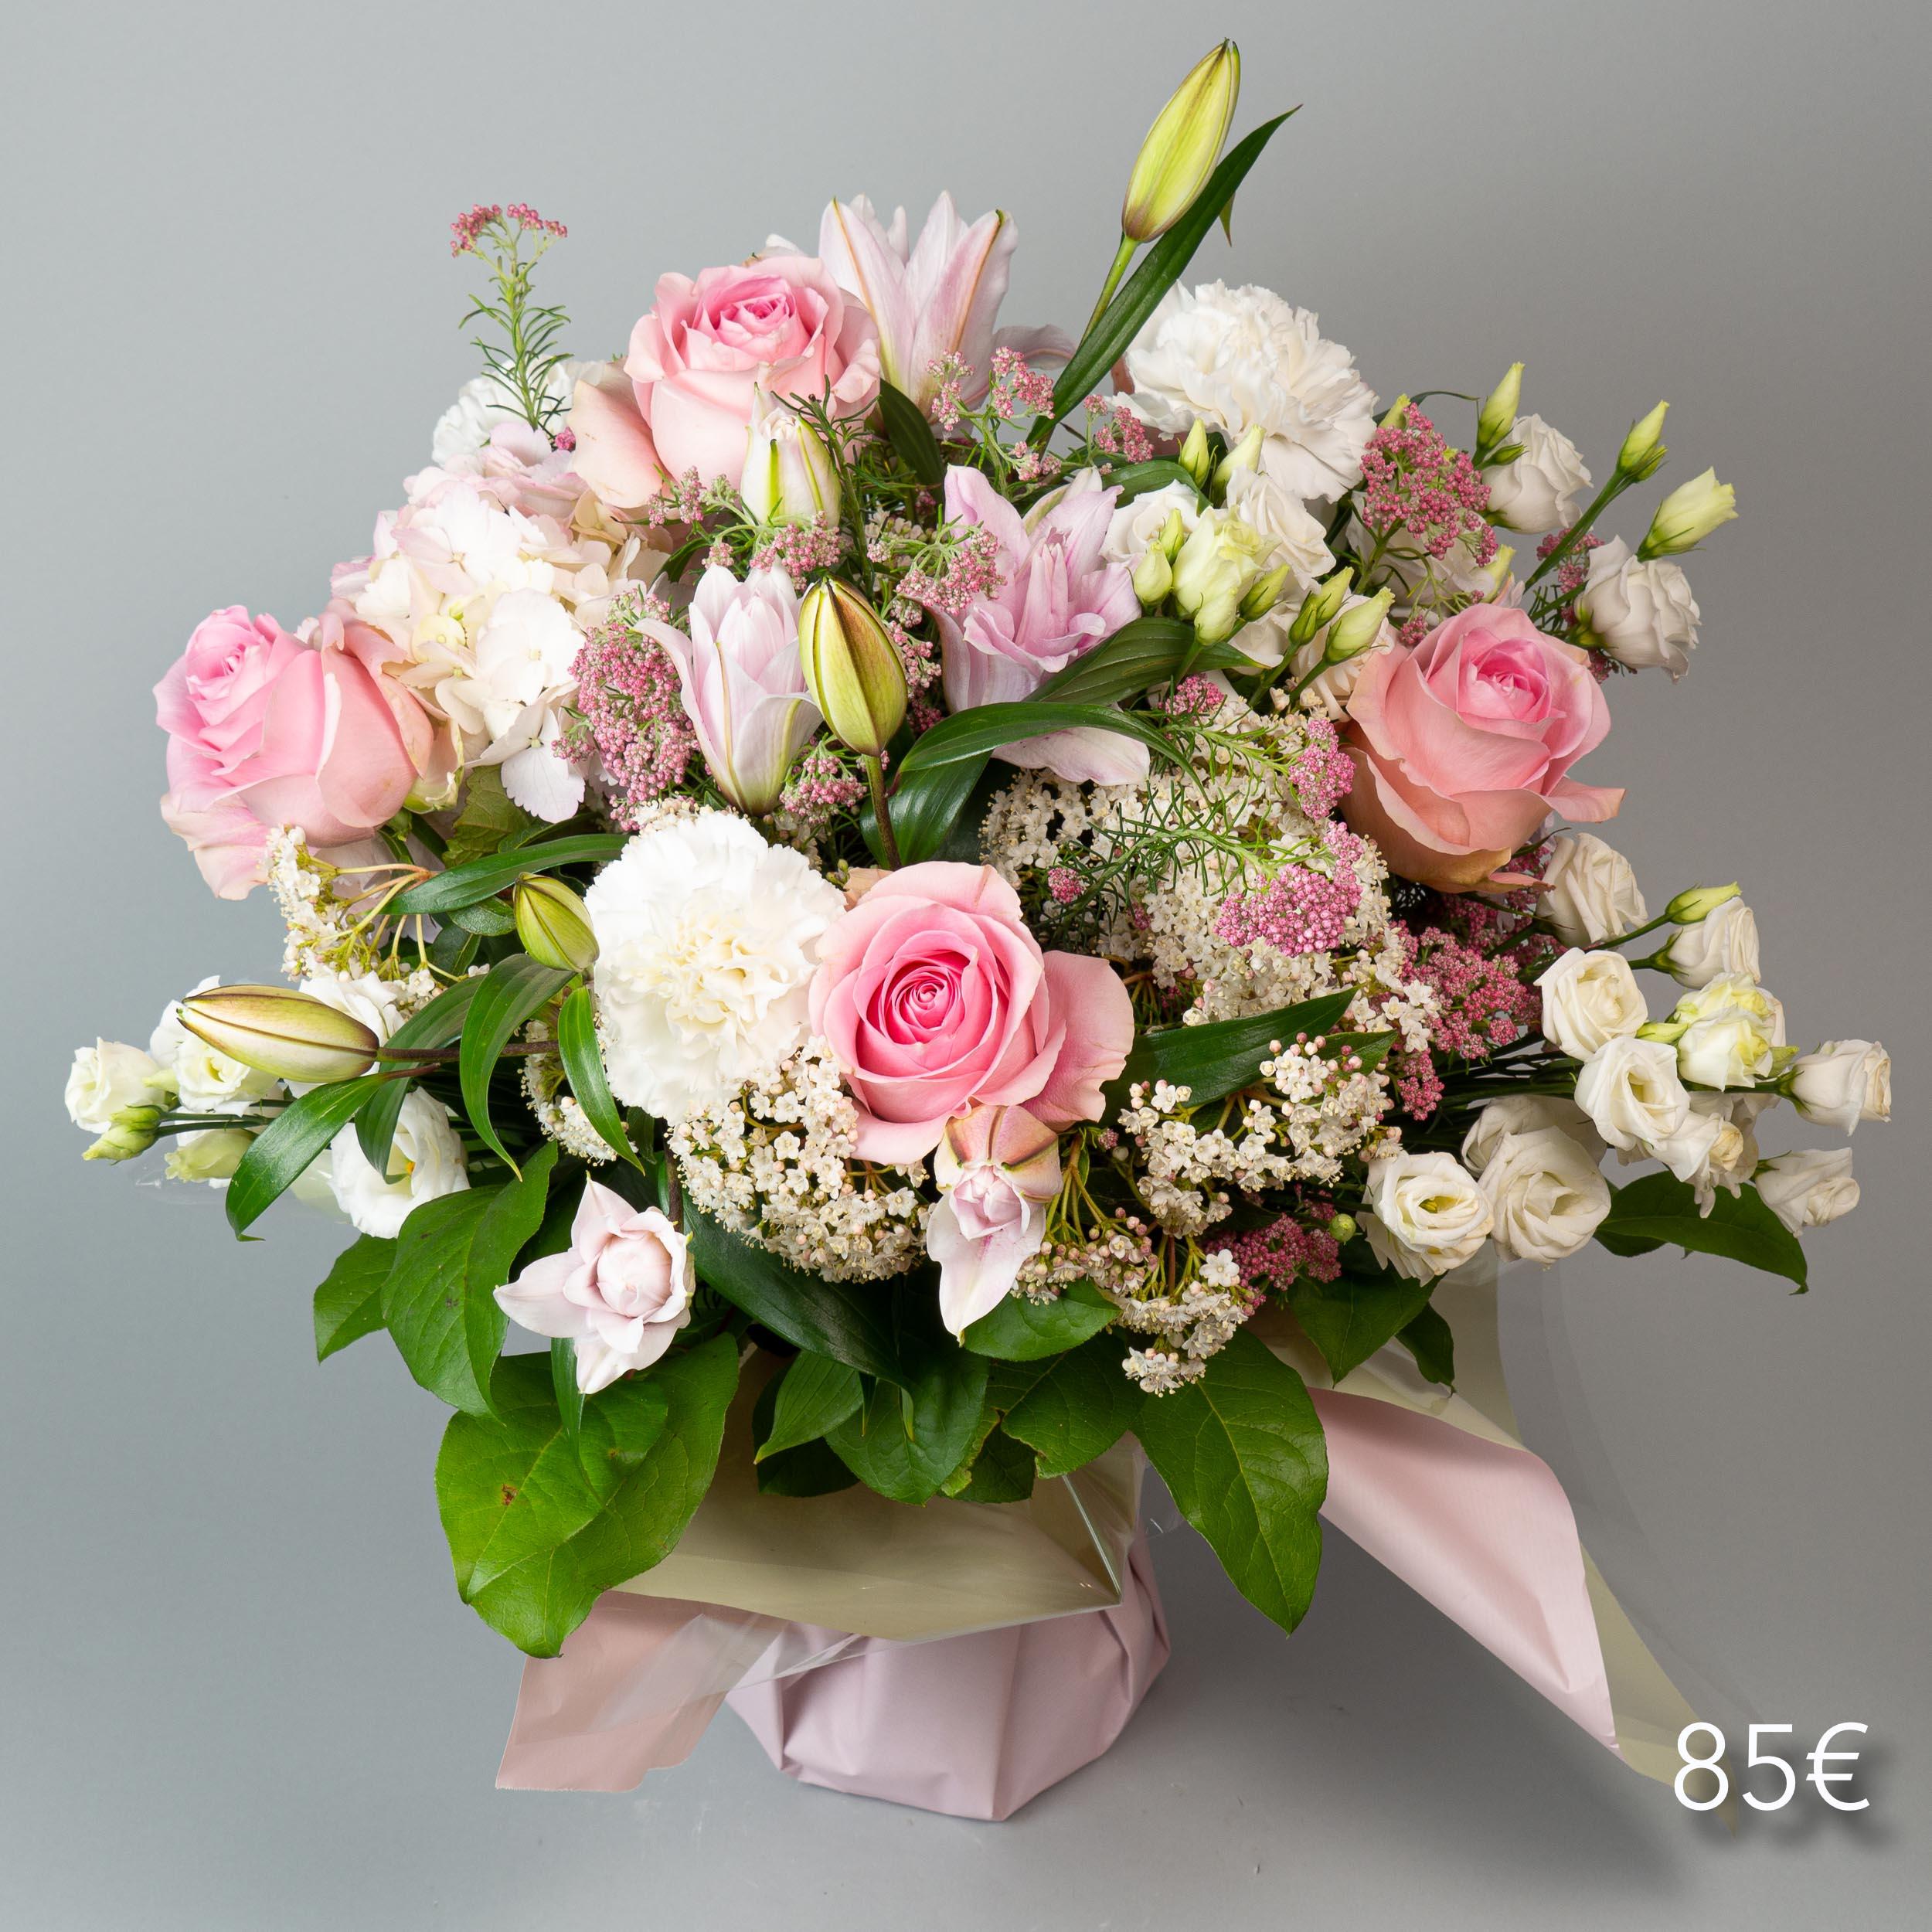 bouquet-bulle-d-eau-funerailles-lyon-fleuriste-lyon-atelier-lavarenne